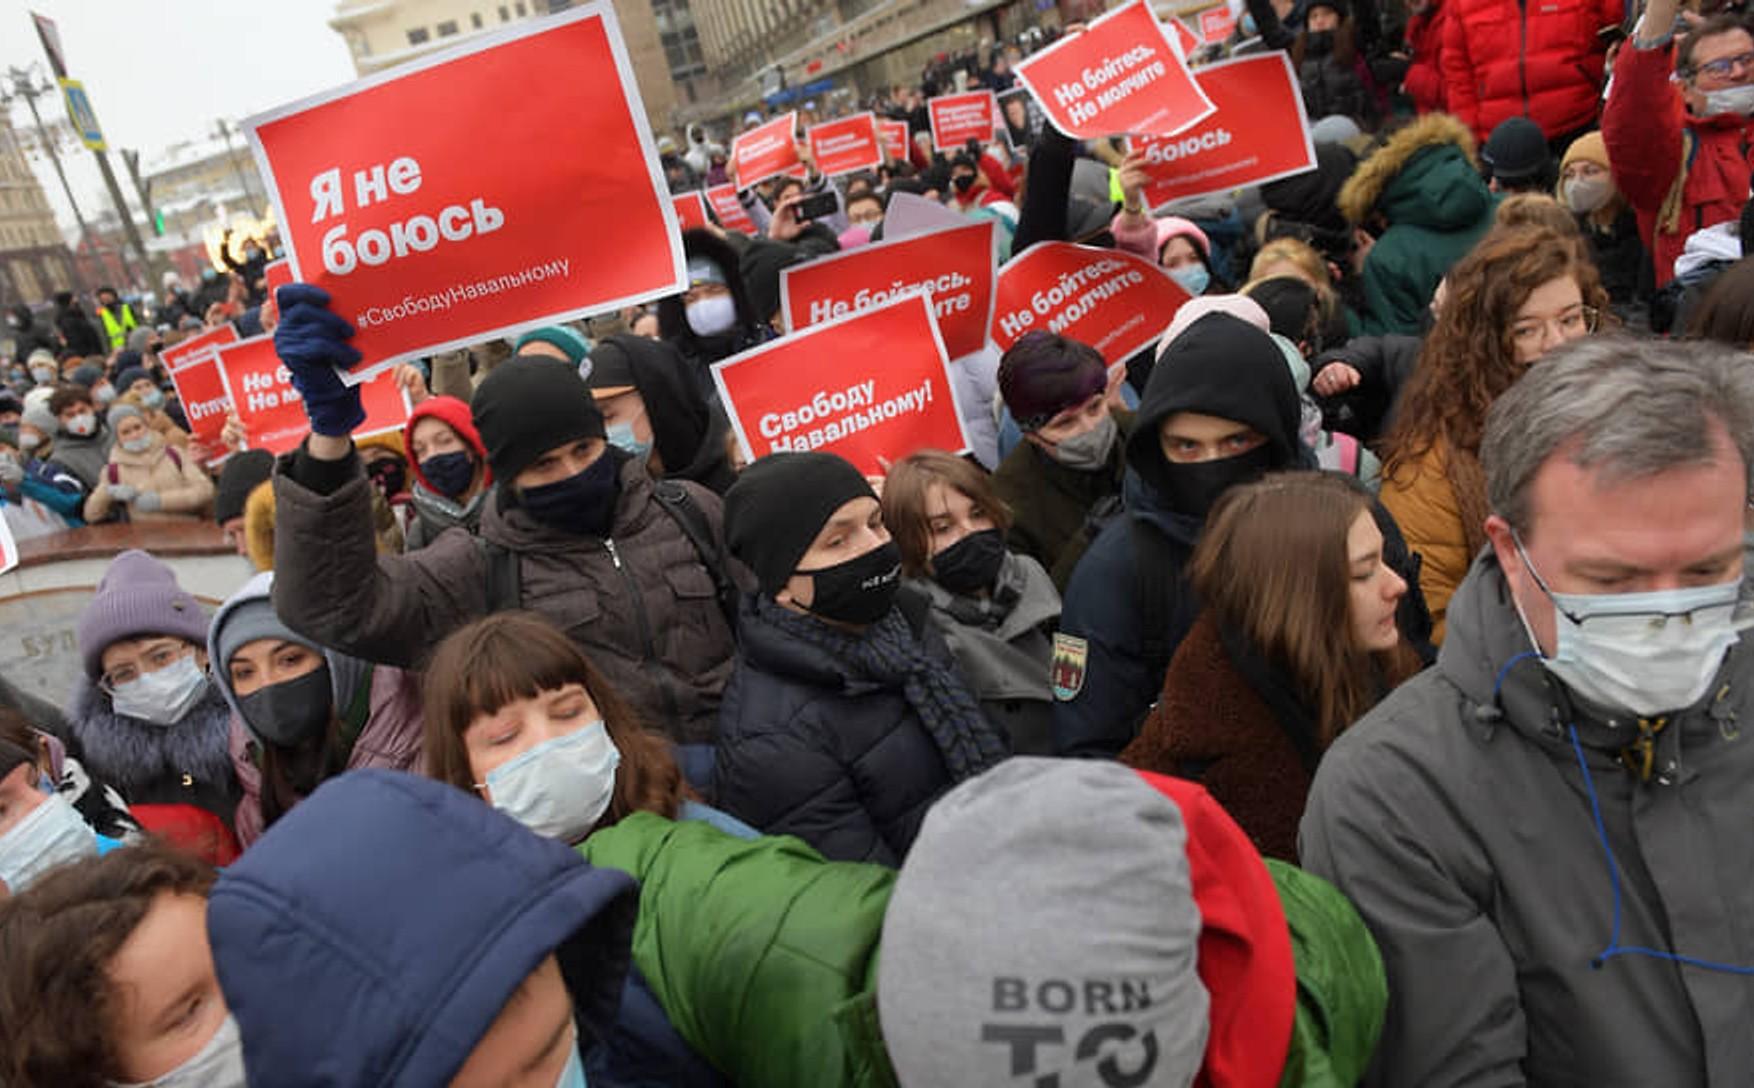 Кировского активиста предупредили о наказании за организацию митинга посвященного Навальному